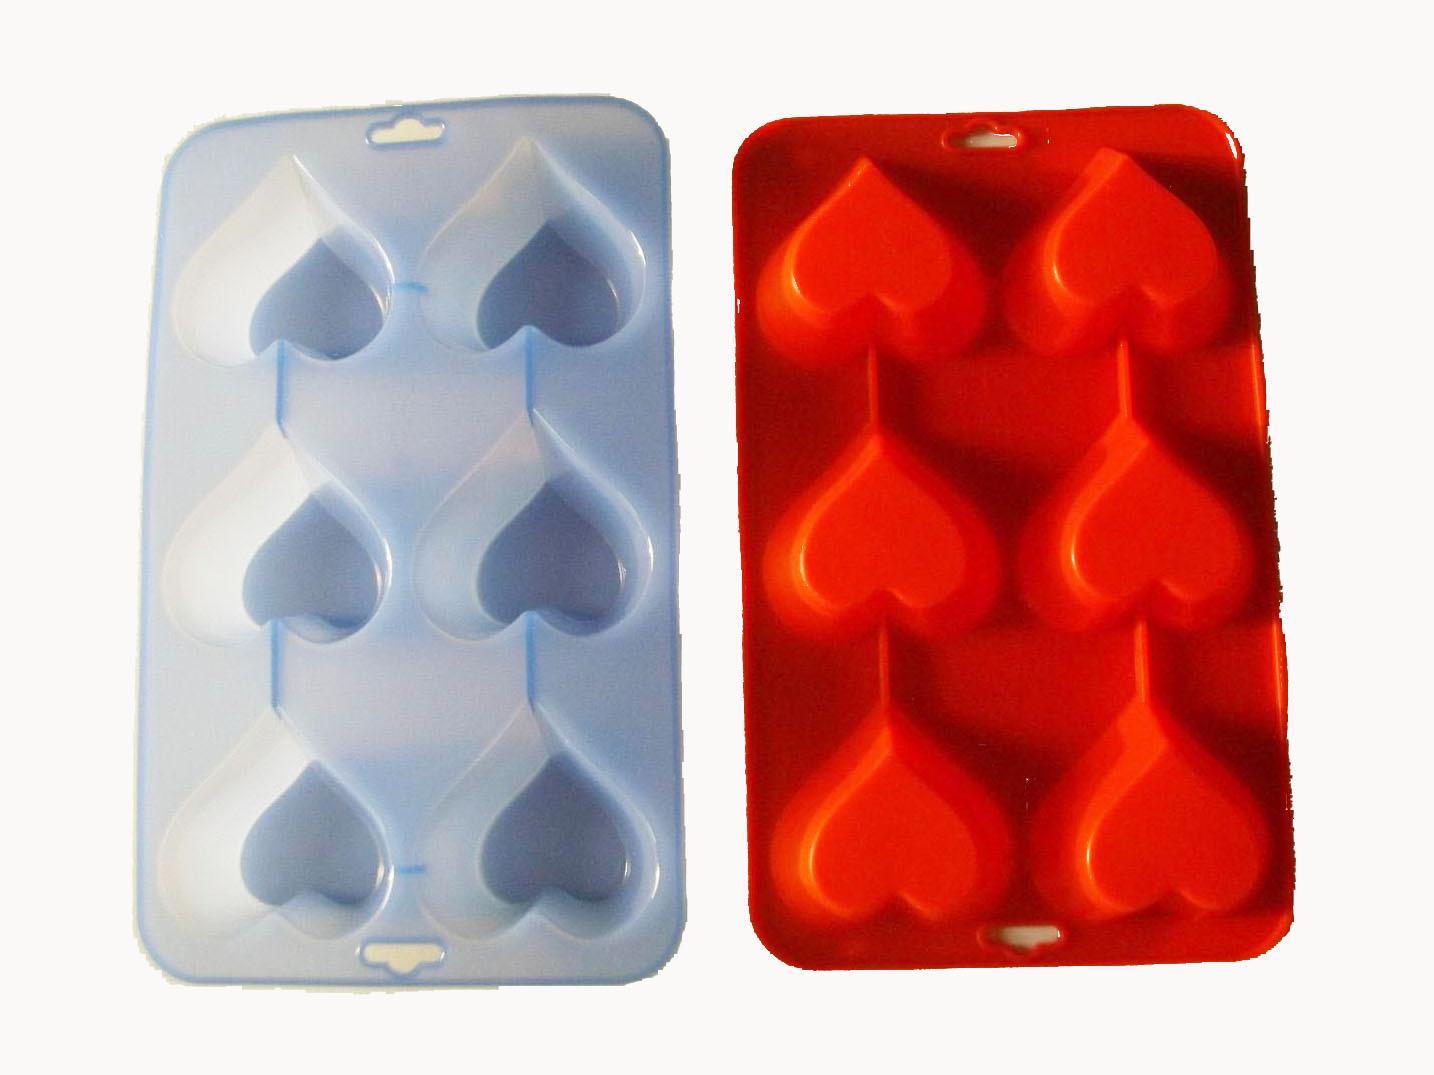 厂家直销 6格创意硅胶爱心可弹式冰格 创意心形制冰器 冰模